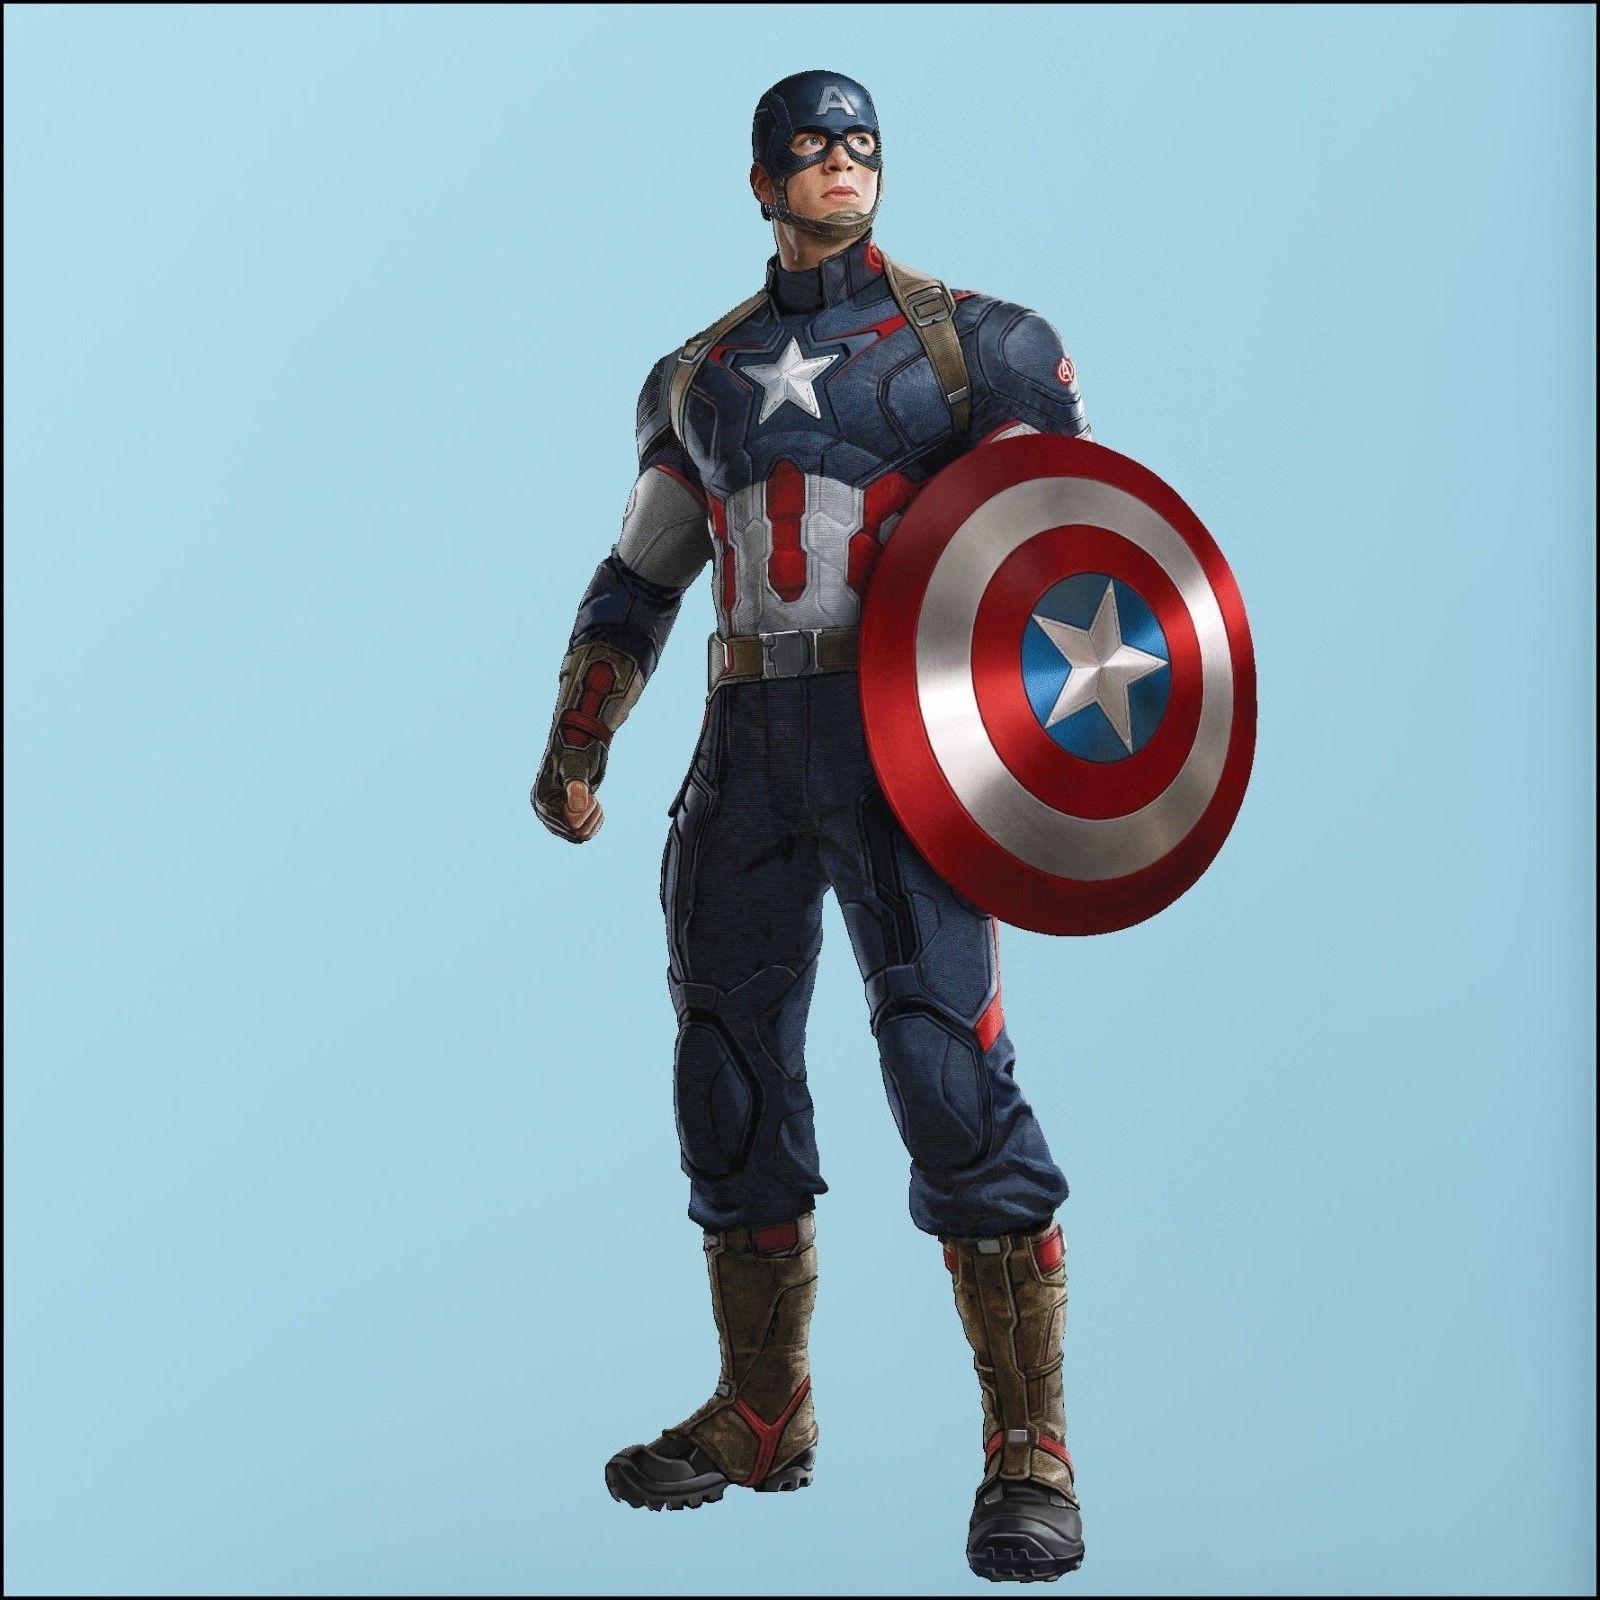 Captain America Avengers Photo Quality 3D Wall Sticker Art Mural Regarding Popular Avengers 3D Wall Art (View 6 of 15)